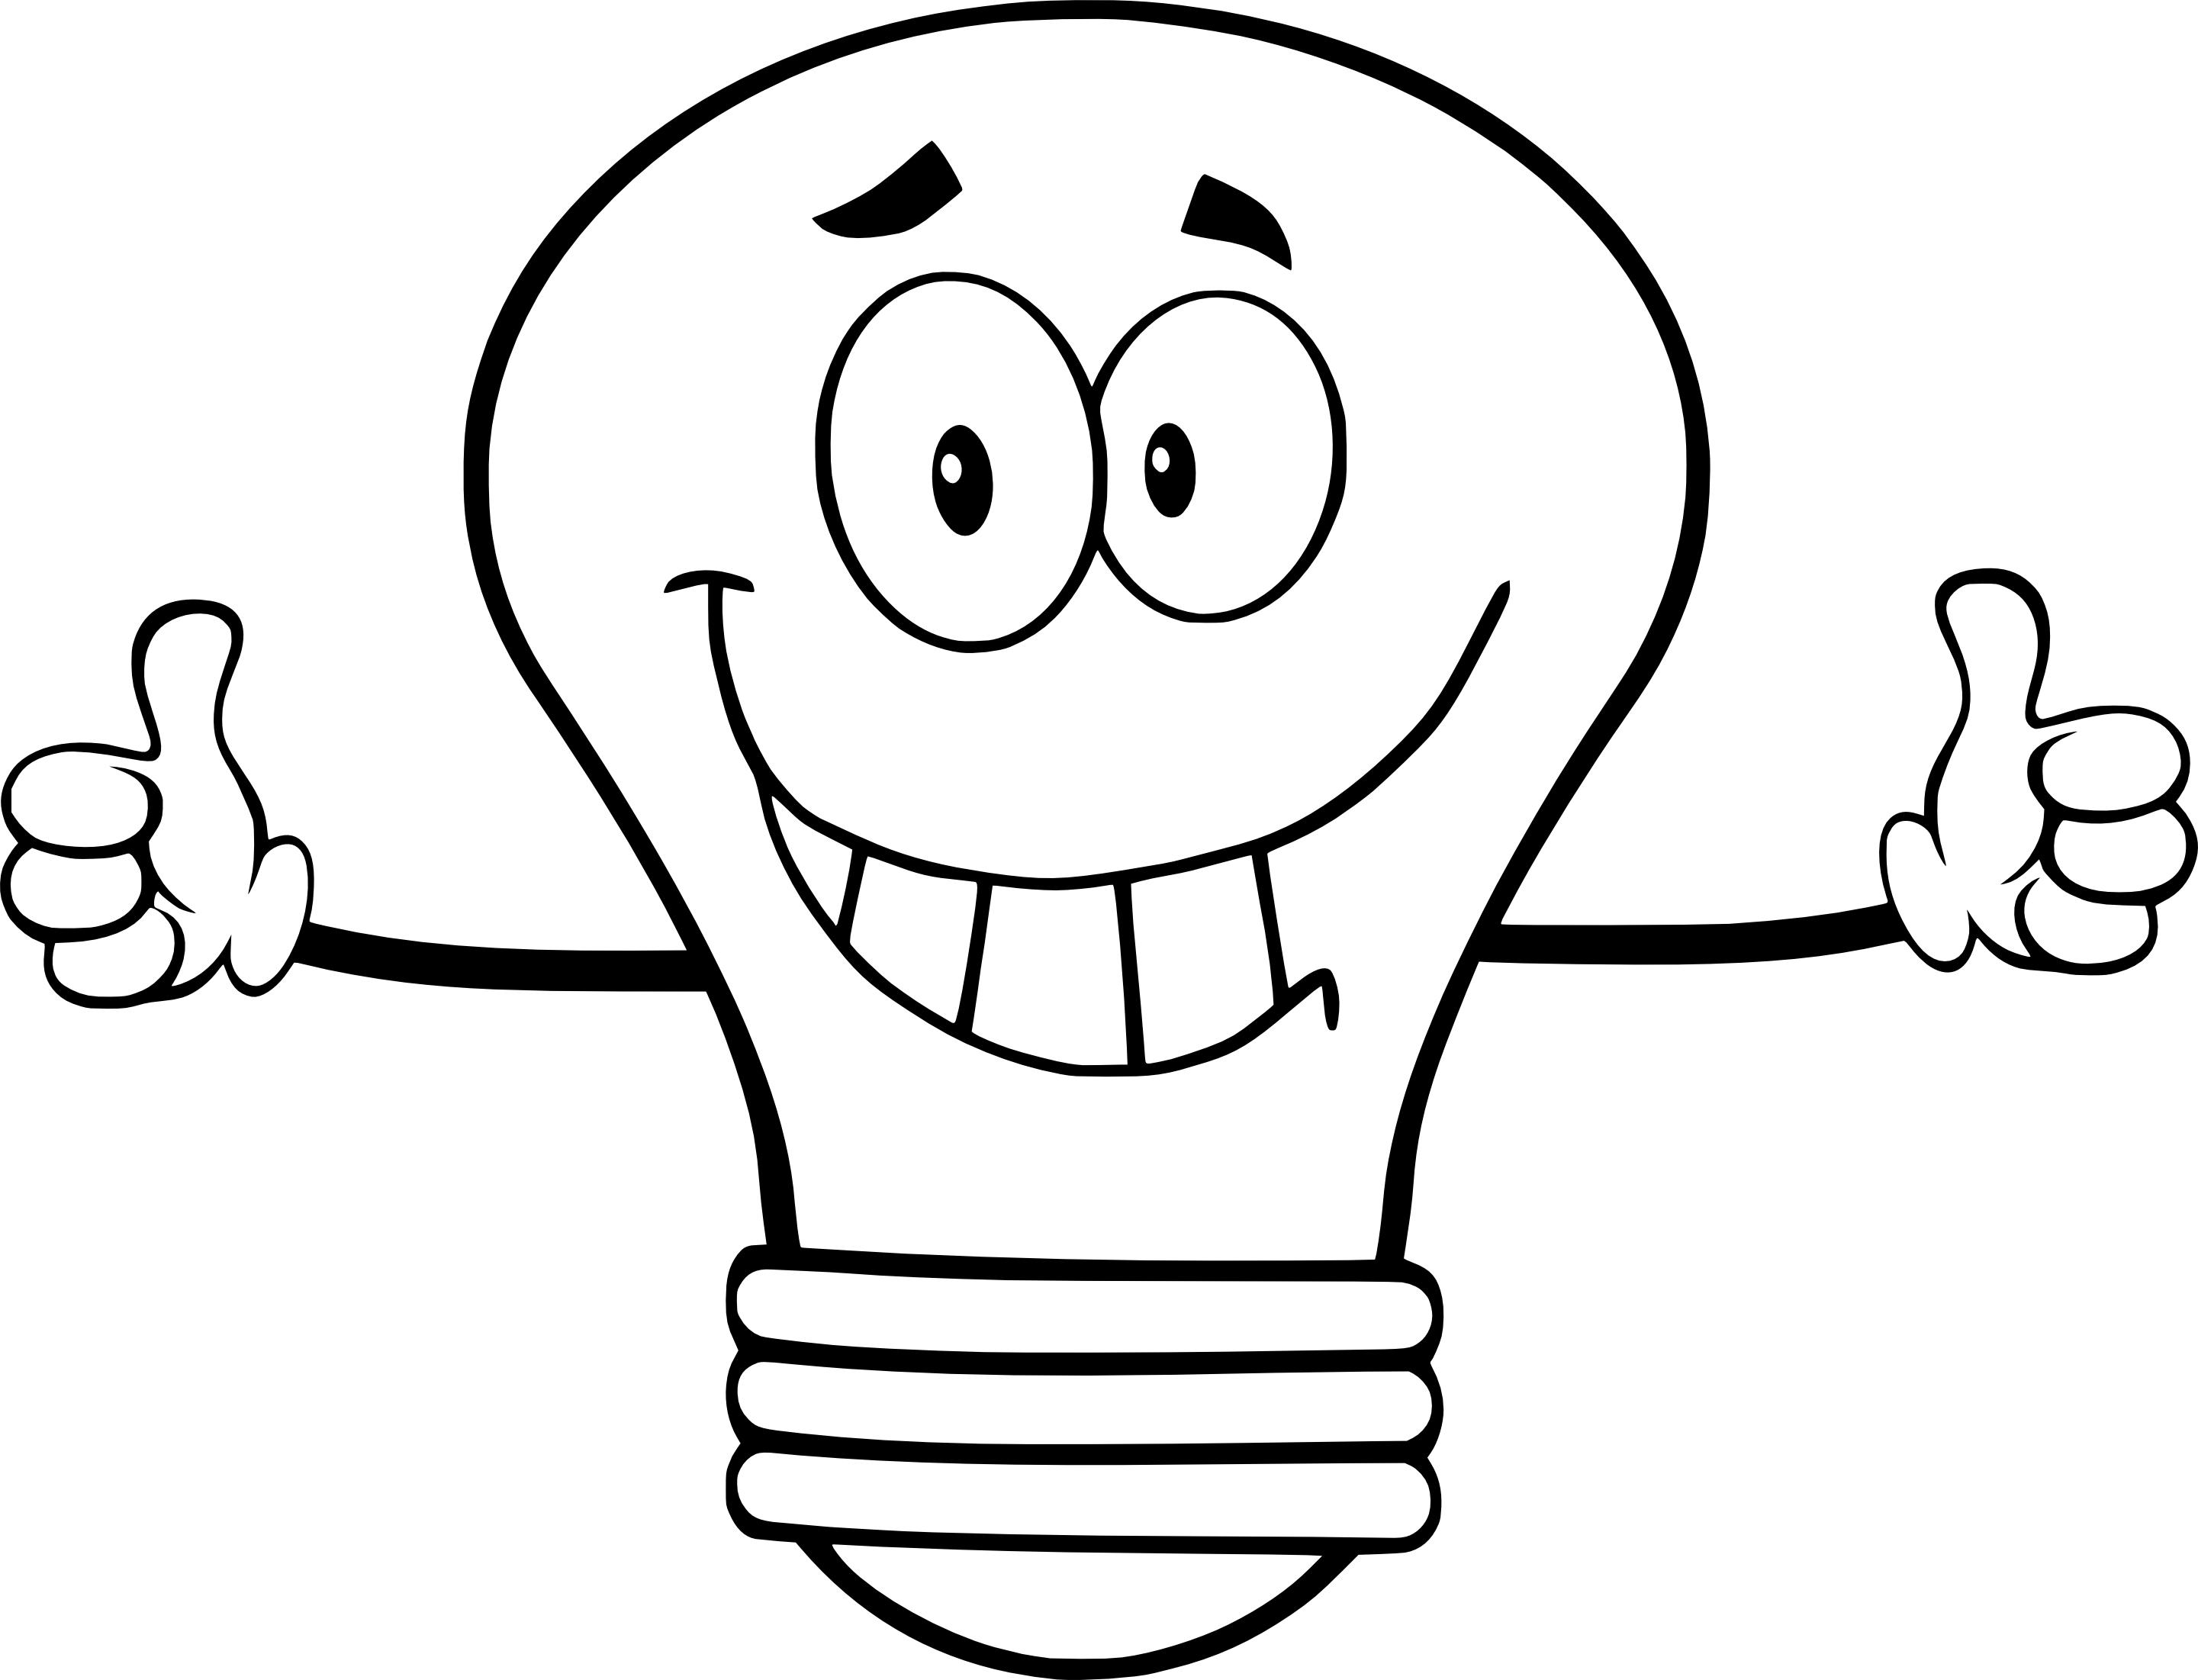 Coloriage Ampoule A Imprimer